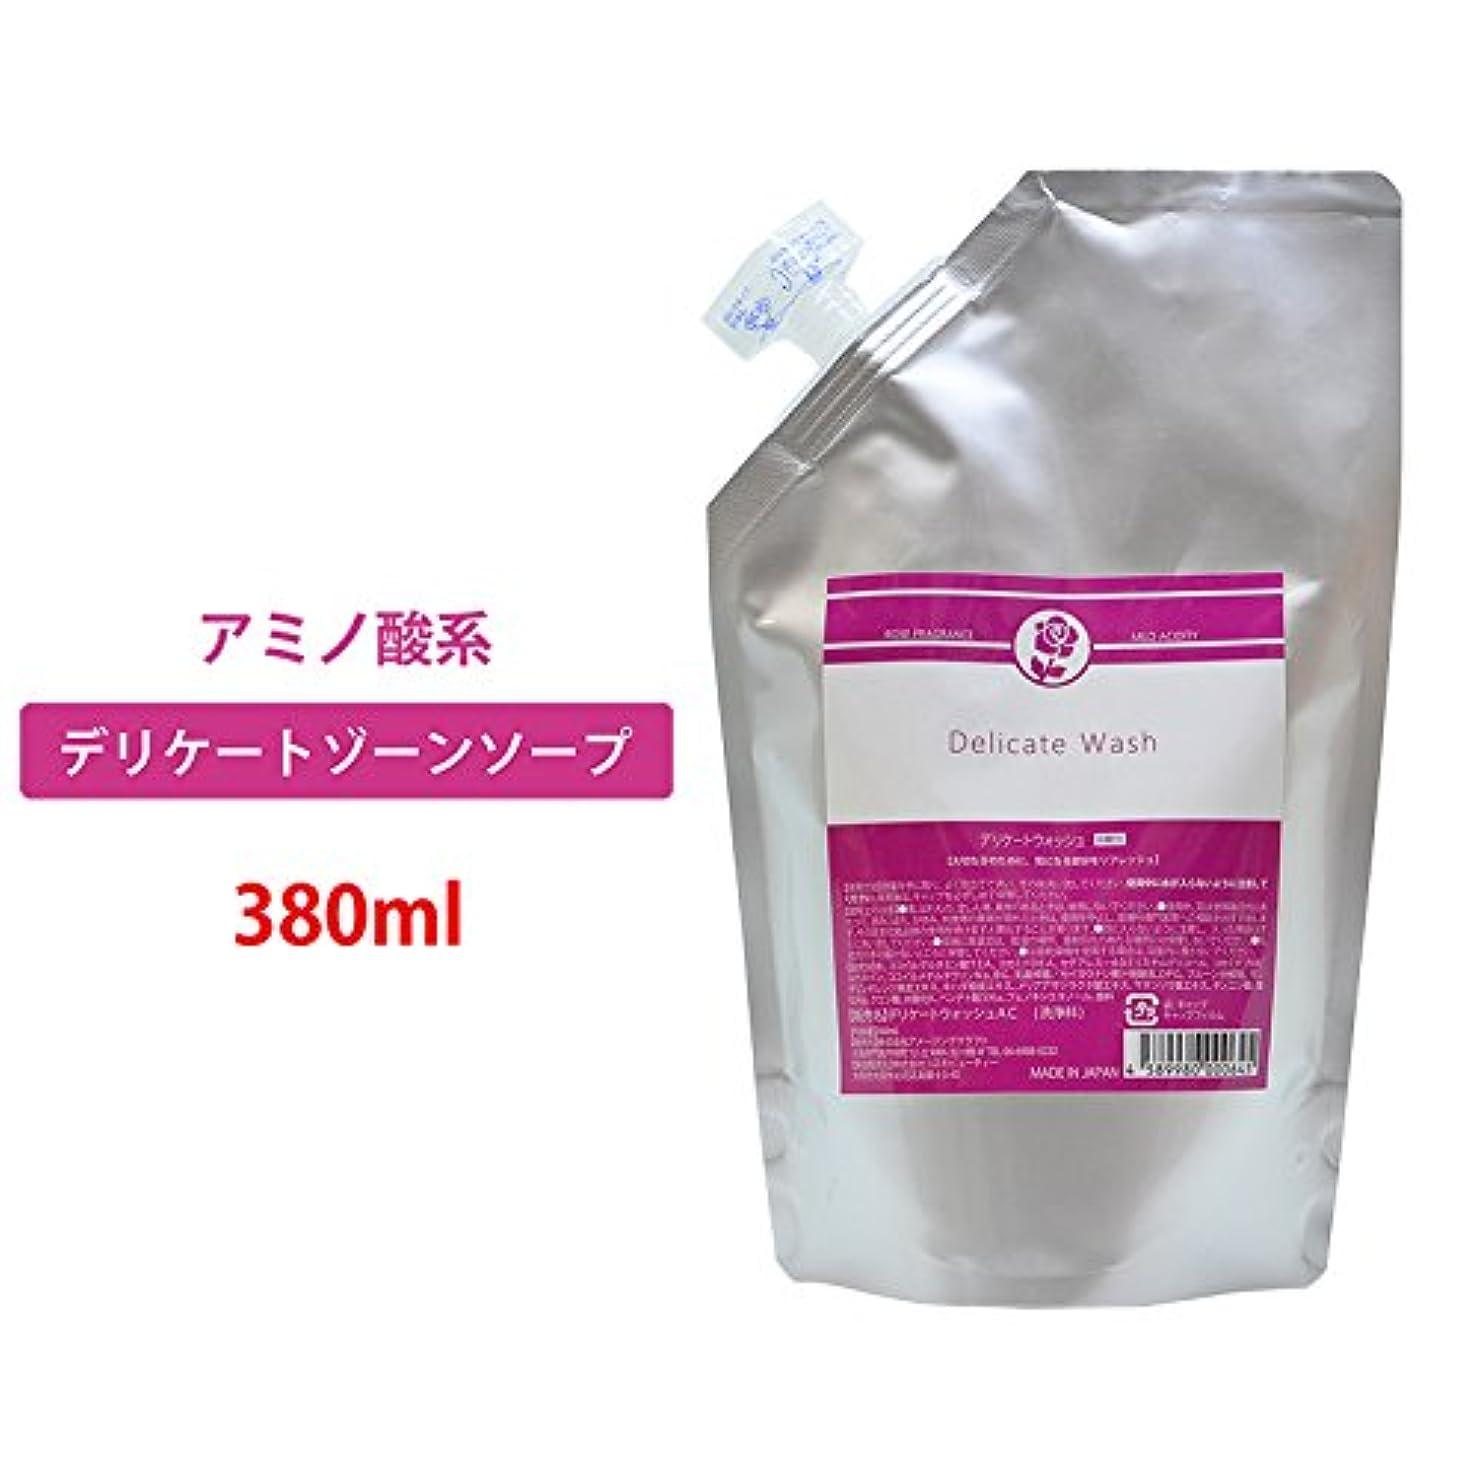 学校清める最大のデリケートウォッシュ 日本製デリケートゾーンソープ たっぷり380ml フェミニン ウォッシュ